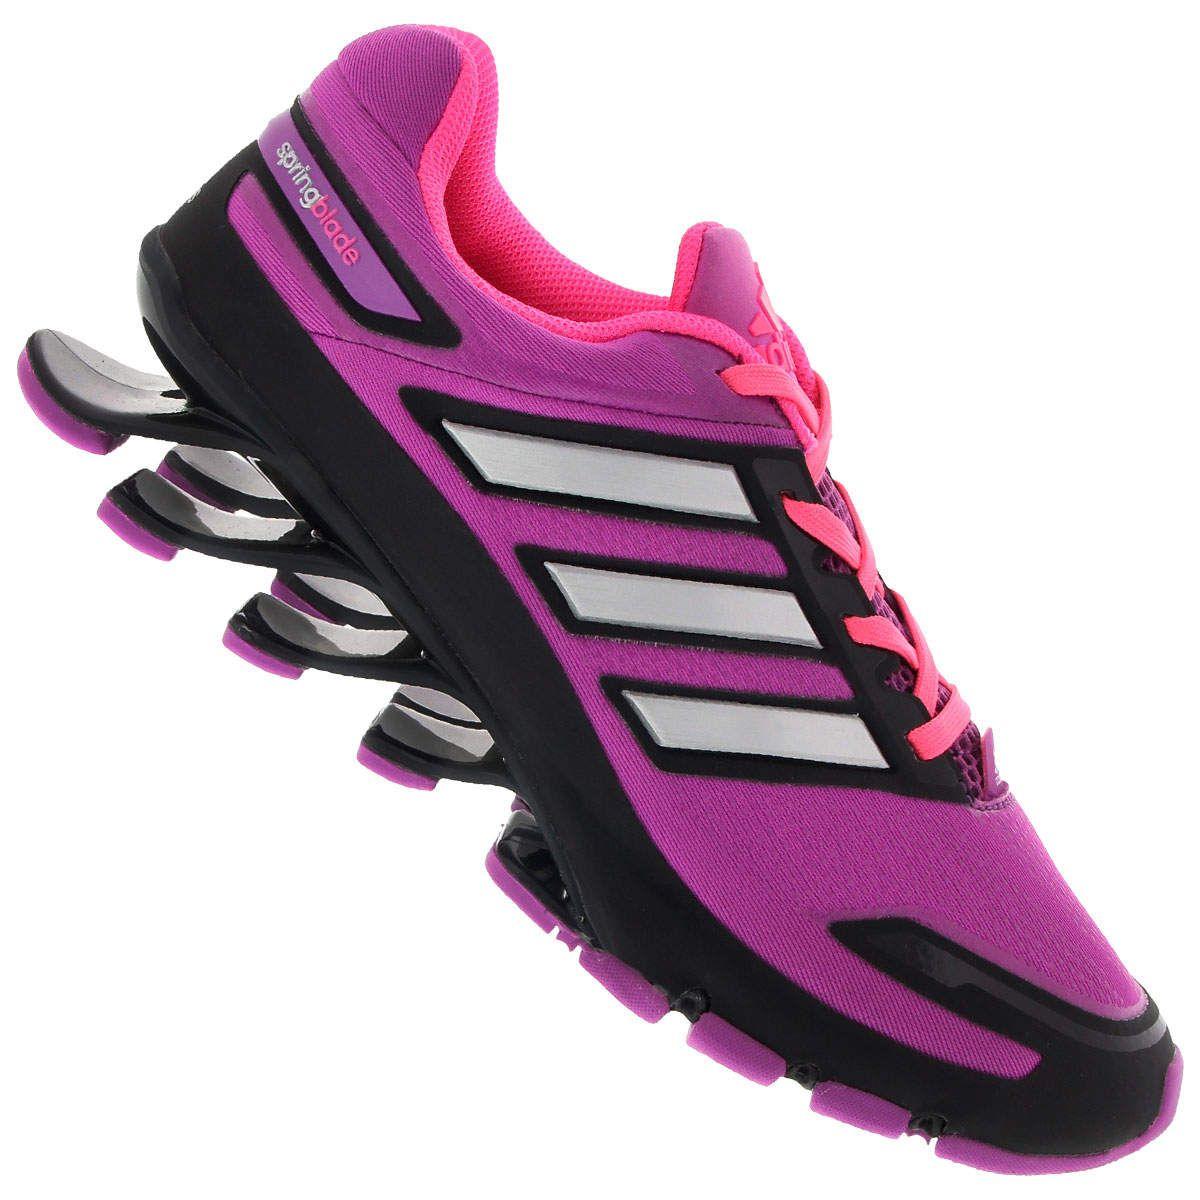 adidas springblade ignite rosa